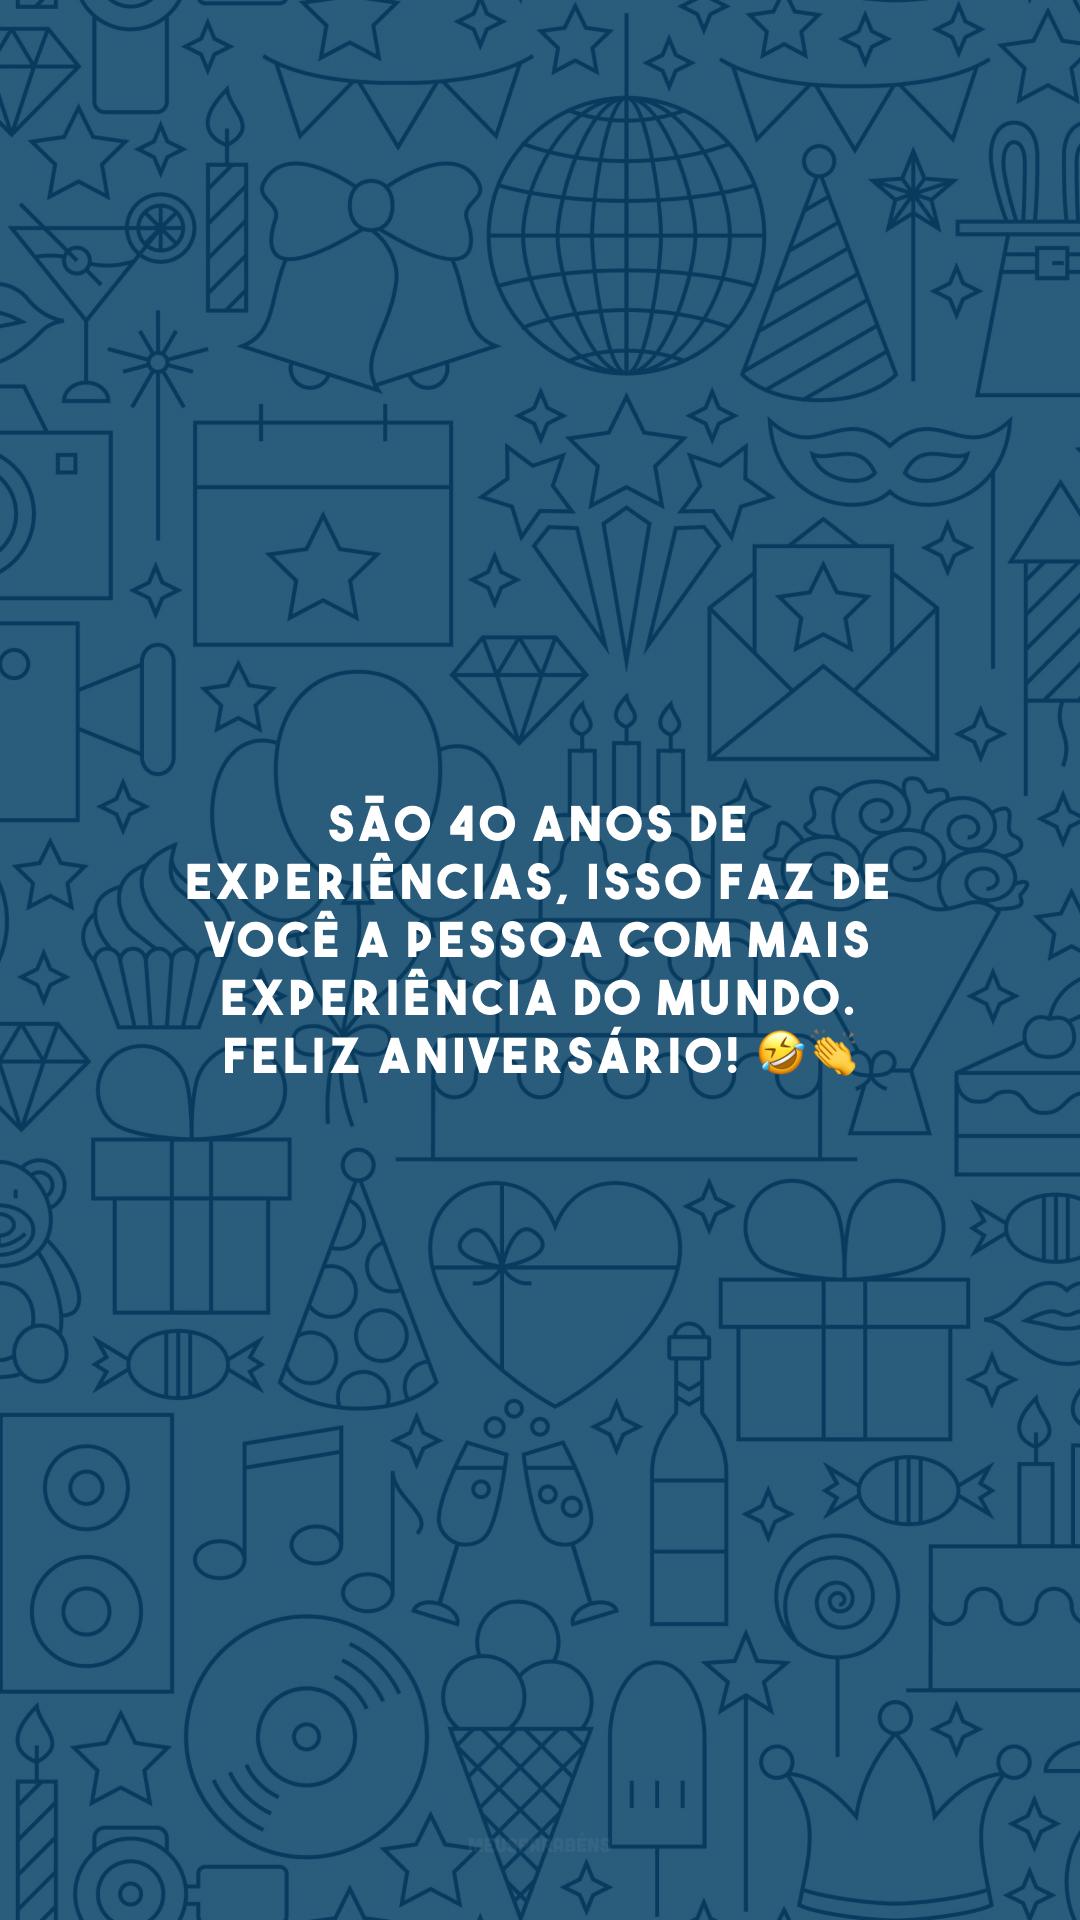 São 40 anos de experiências, isso faz de você a pessoa com mais experiência do mundo. Feliz aniversário! 🤣👏